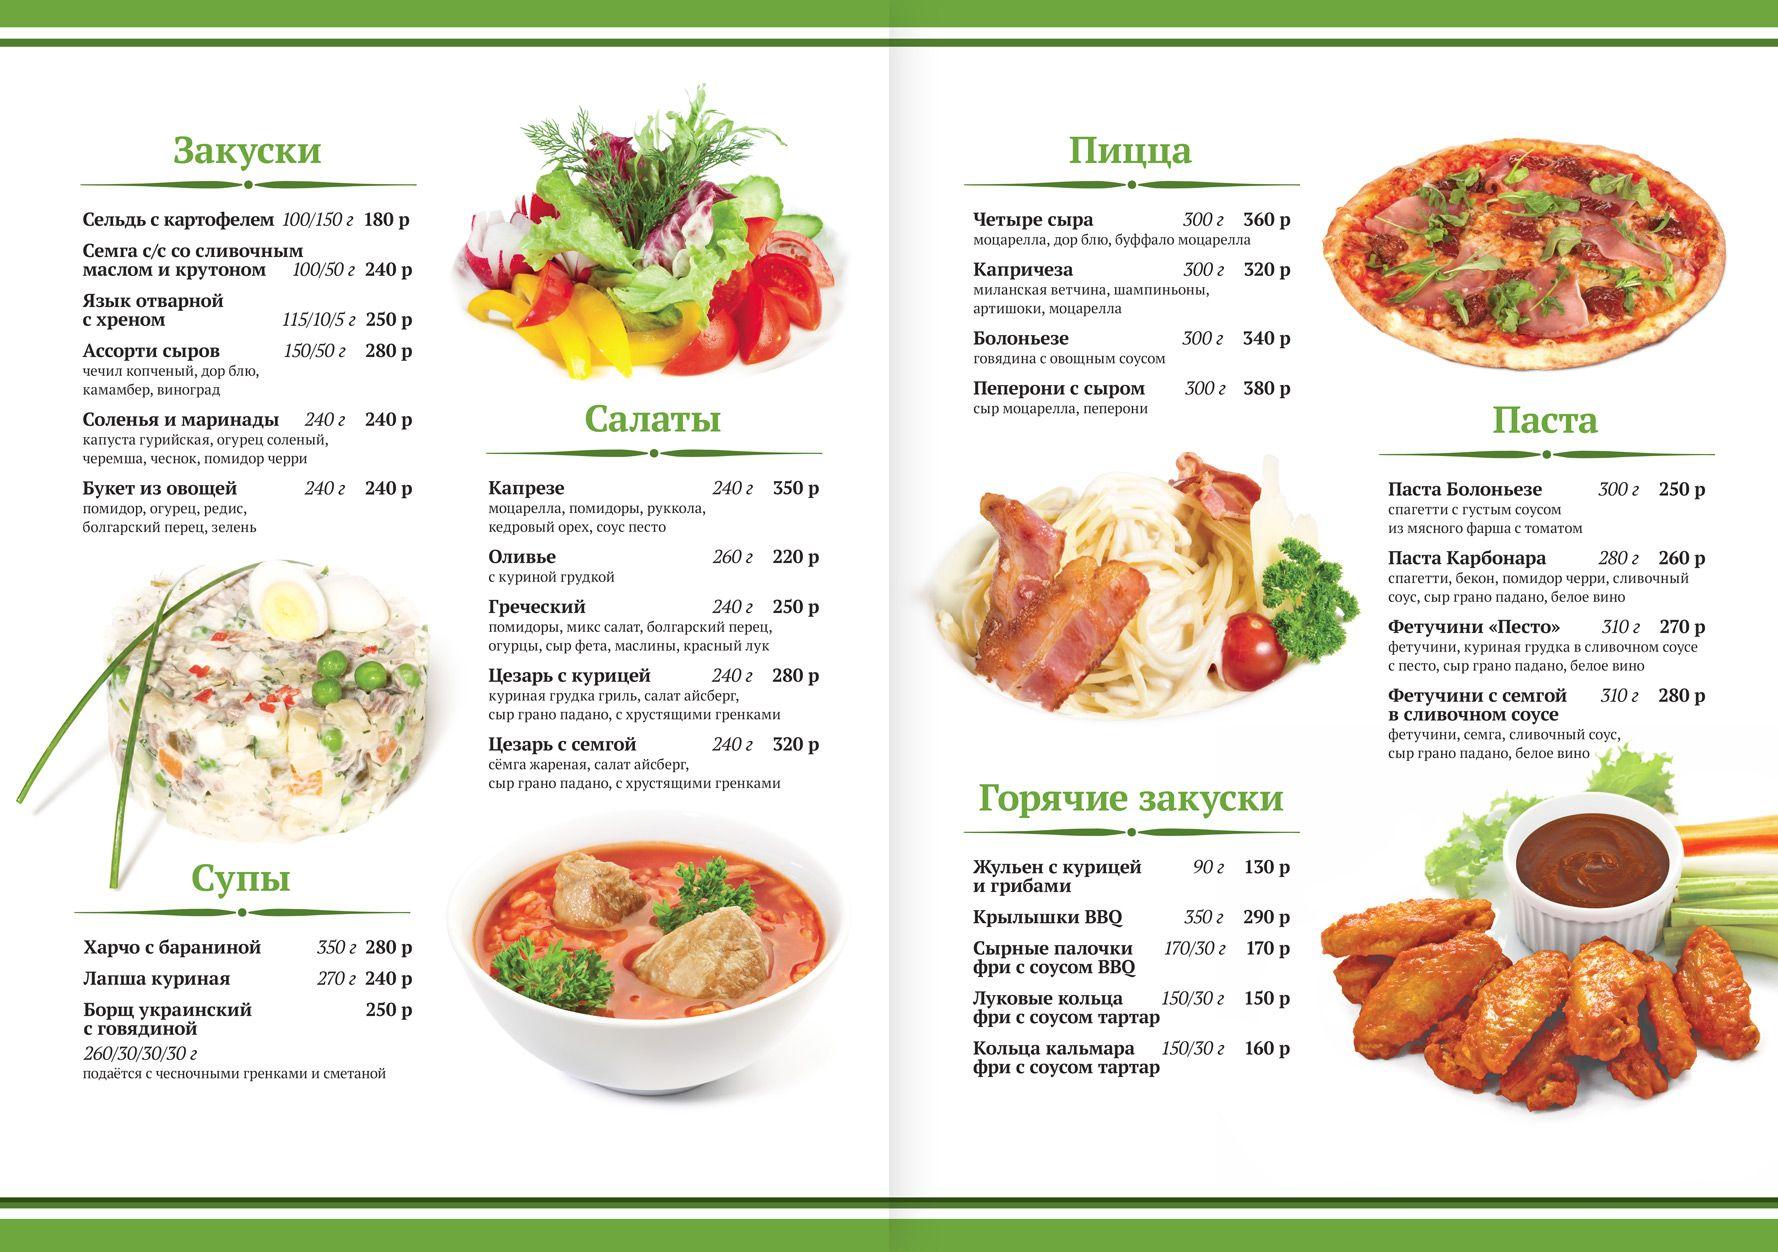 ресторан русский чай подольск меню